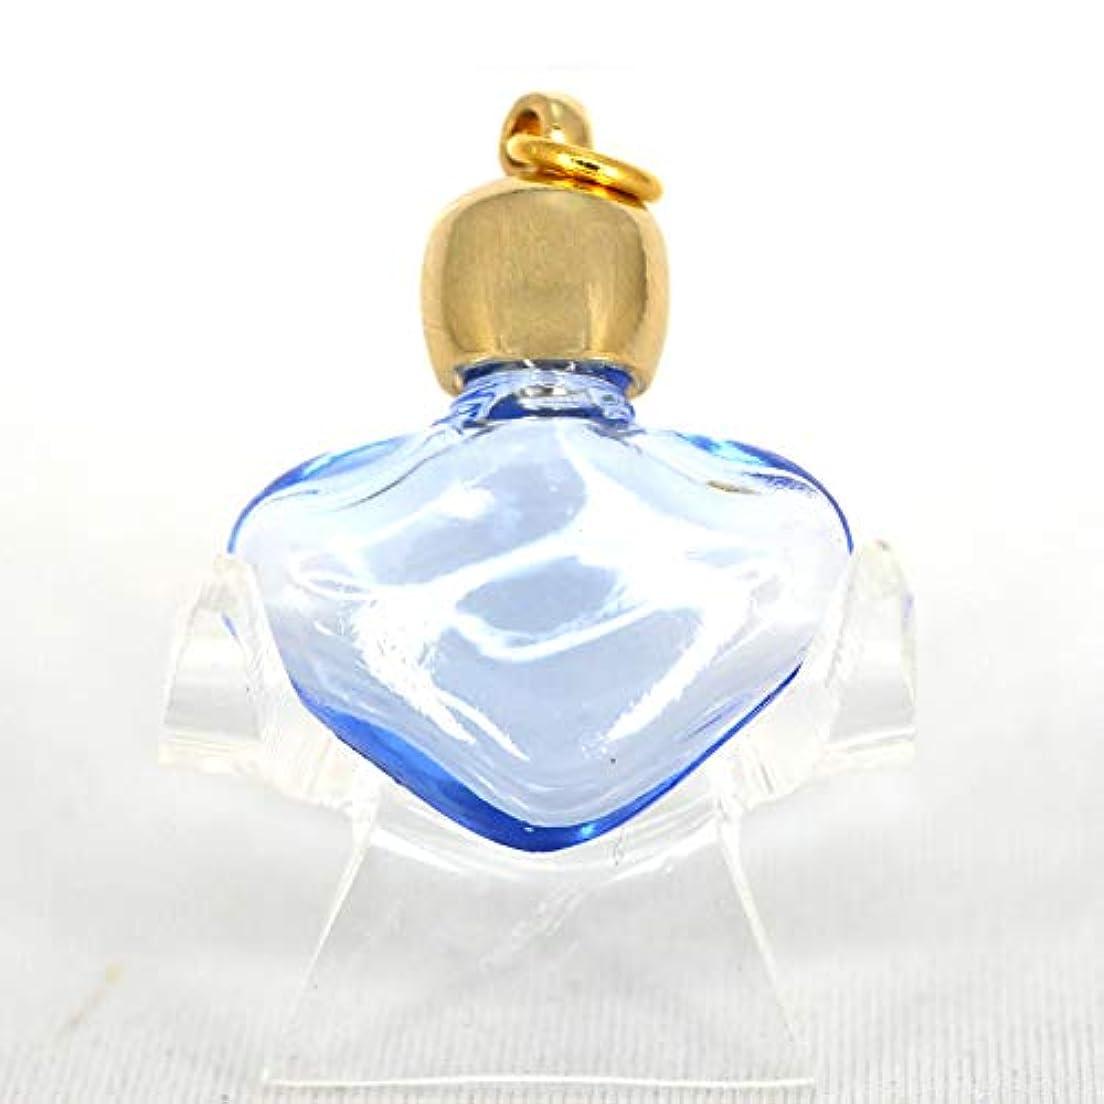 パーティション余暇天国ミニ香水瓶 アロマペンダントトップ ハートブルー(透明青)0.8ml?ゴールド?穴あきキャップ、パッキン付属【アロマオイル?メモリーオイル入れにオススメ】